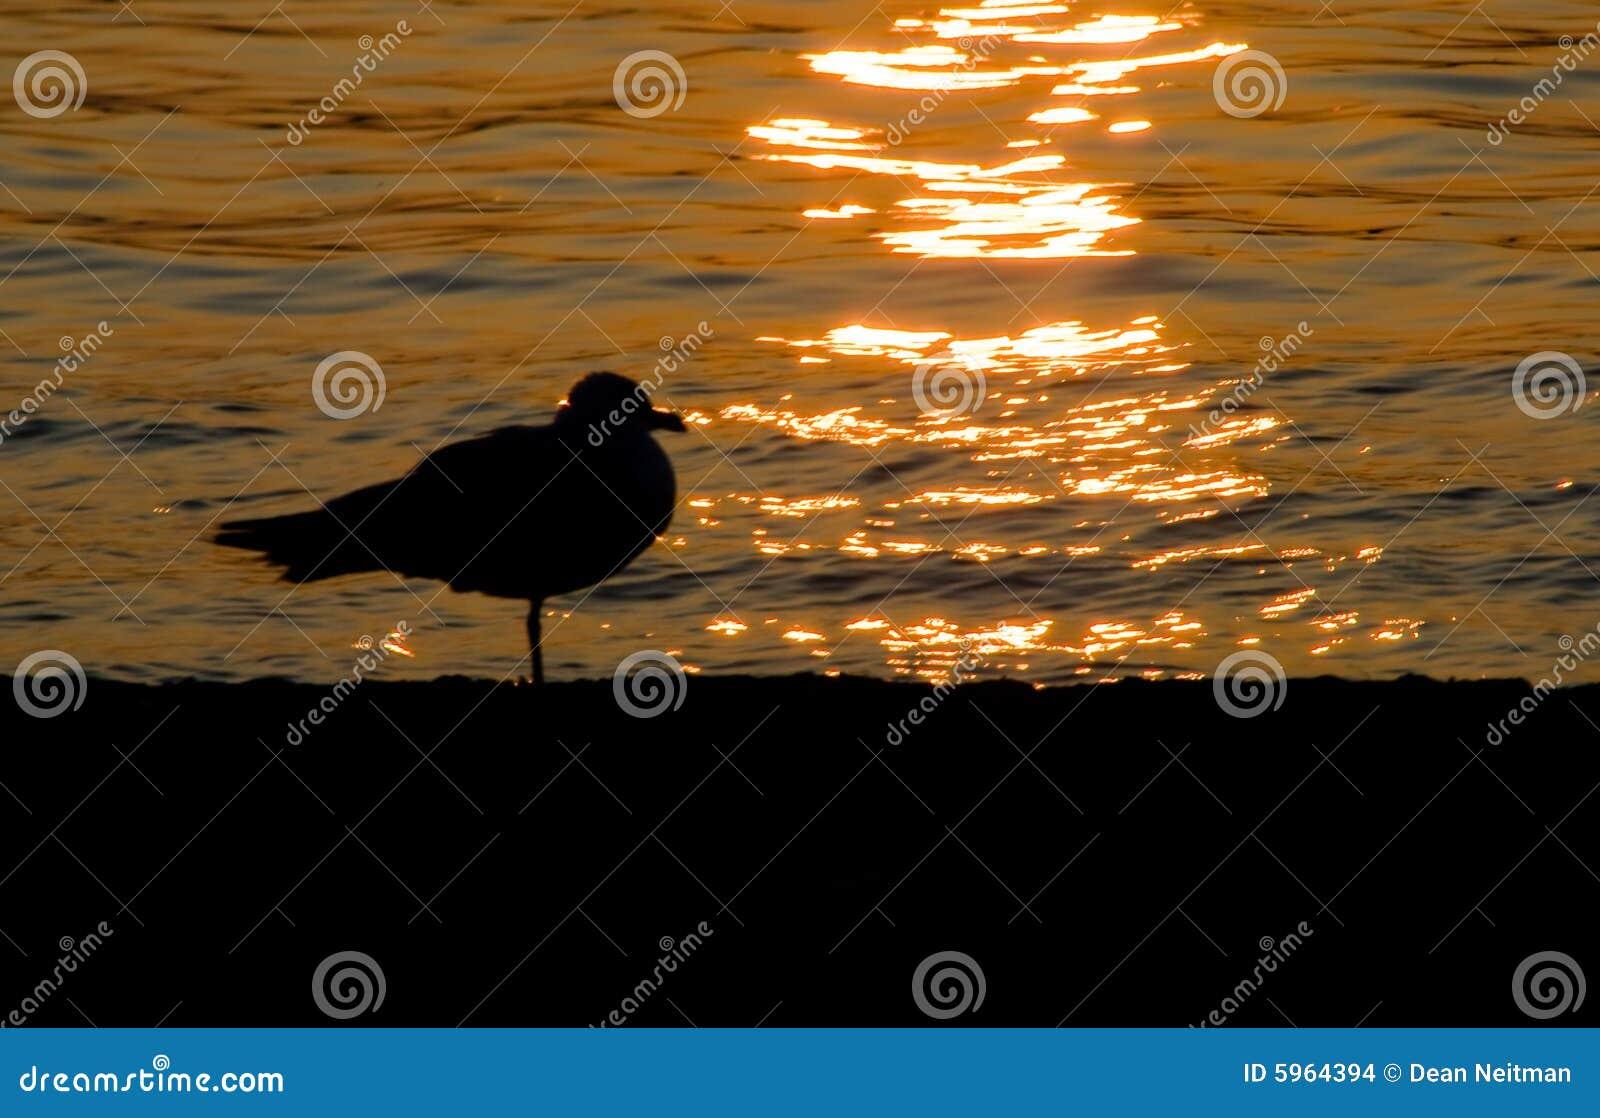 Silhouette de mouette au coucher du soleil